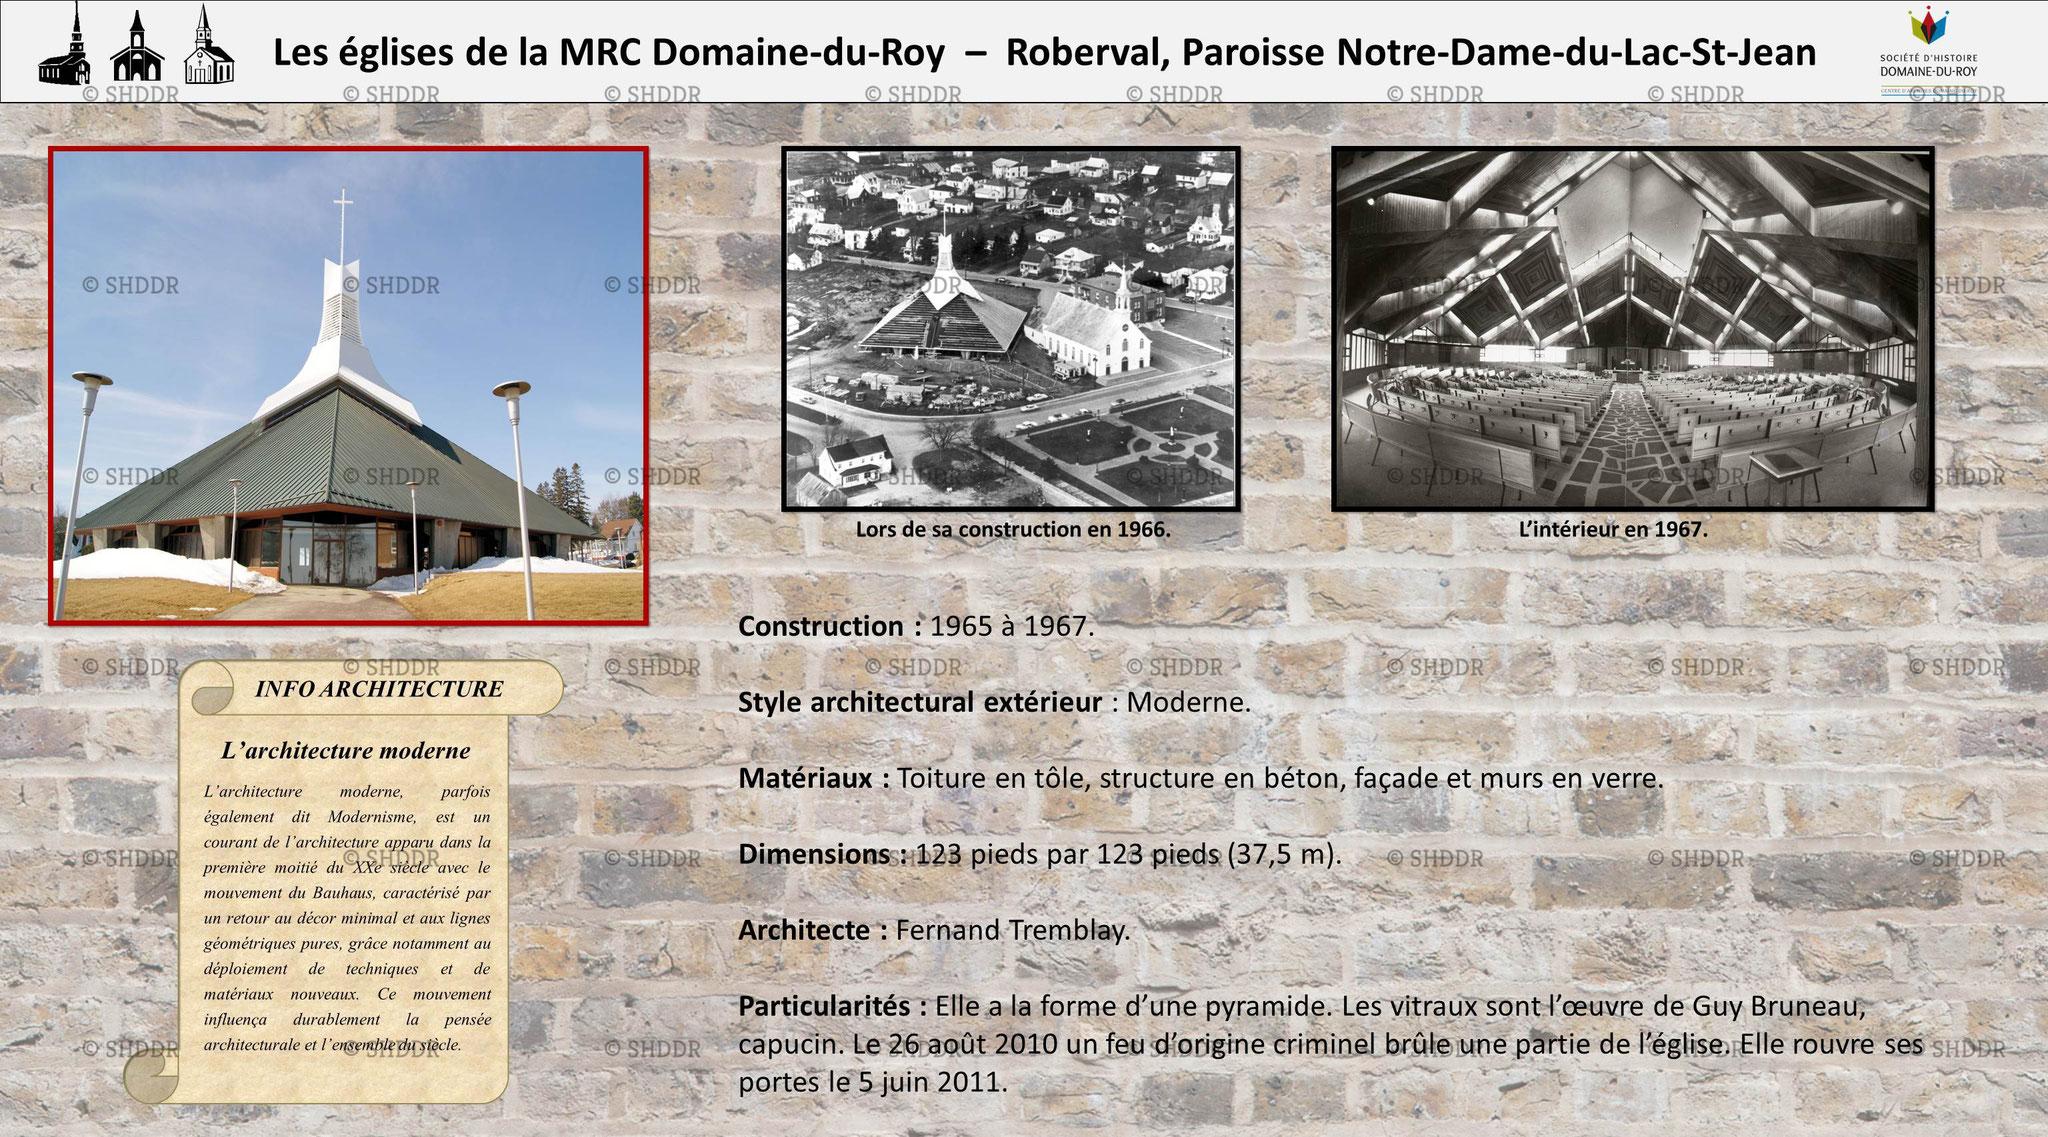 Roberval - Paroisse Notre-Dame-du-Lac-St-Jean